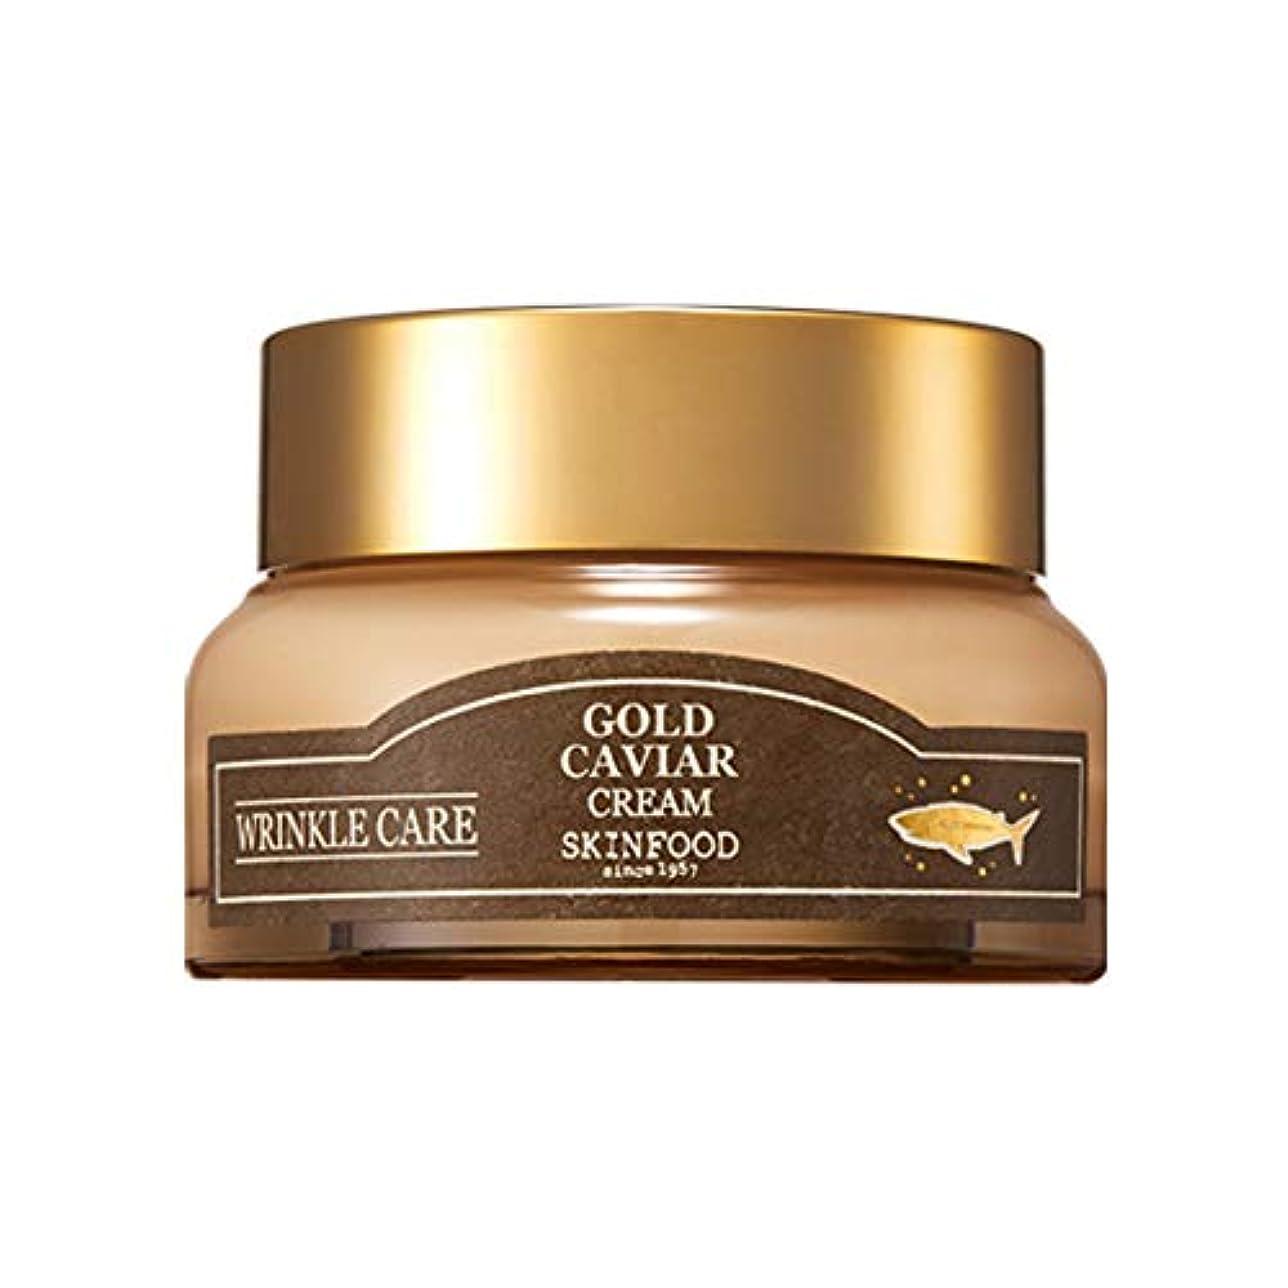 真面目な配分オートメーションSkinfood ゴールドキャビアクリーム[しわケア用化粧品] / Gold Caviar Cream [Cosmeceutical for wrinkle care] 54ml [並行輸入品]